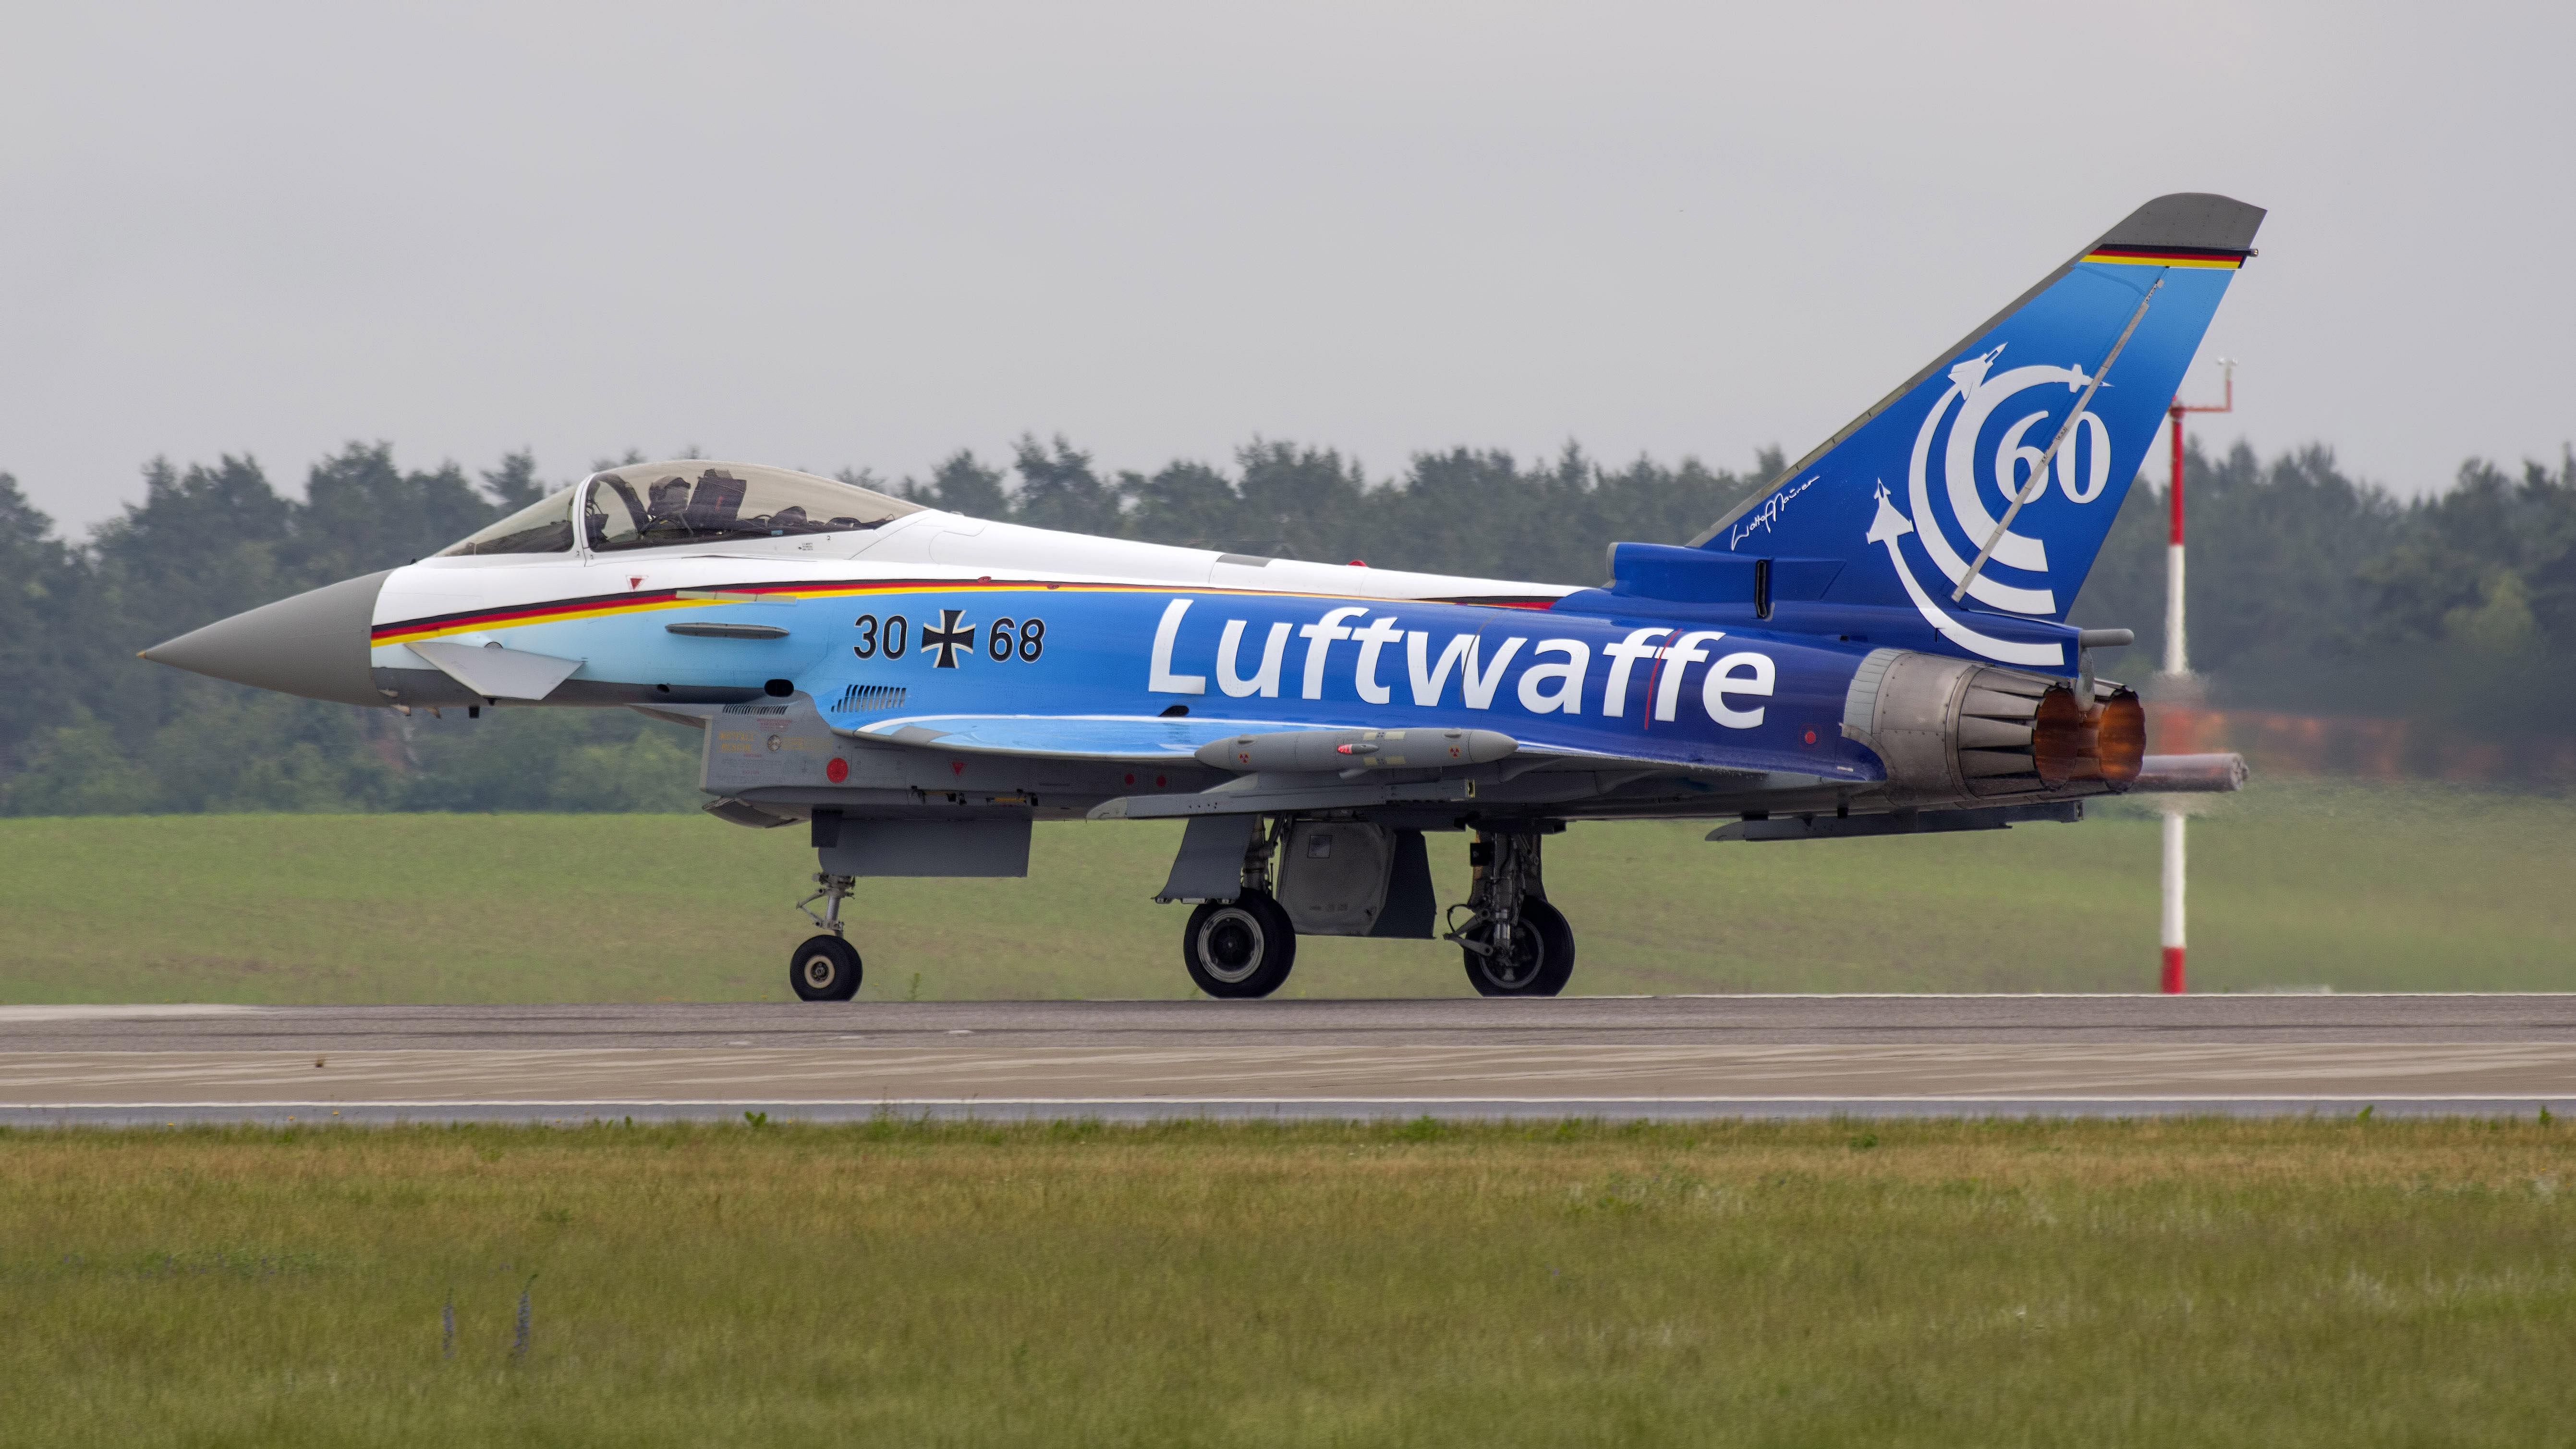 _IMG1855 Eurofighter EF-2000 Typhoon S German air force 30+68